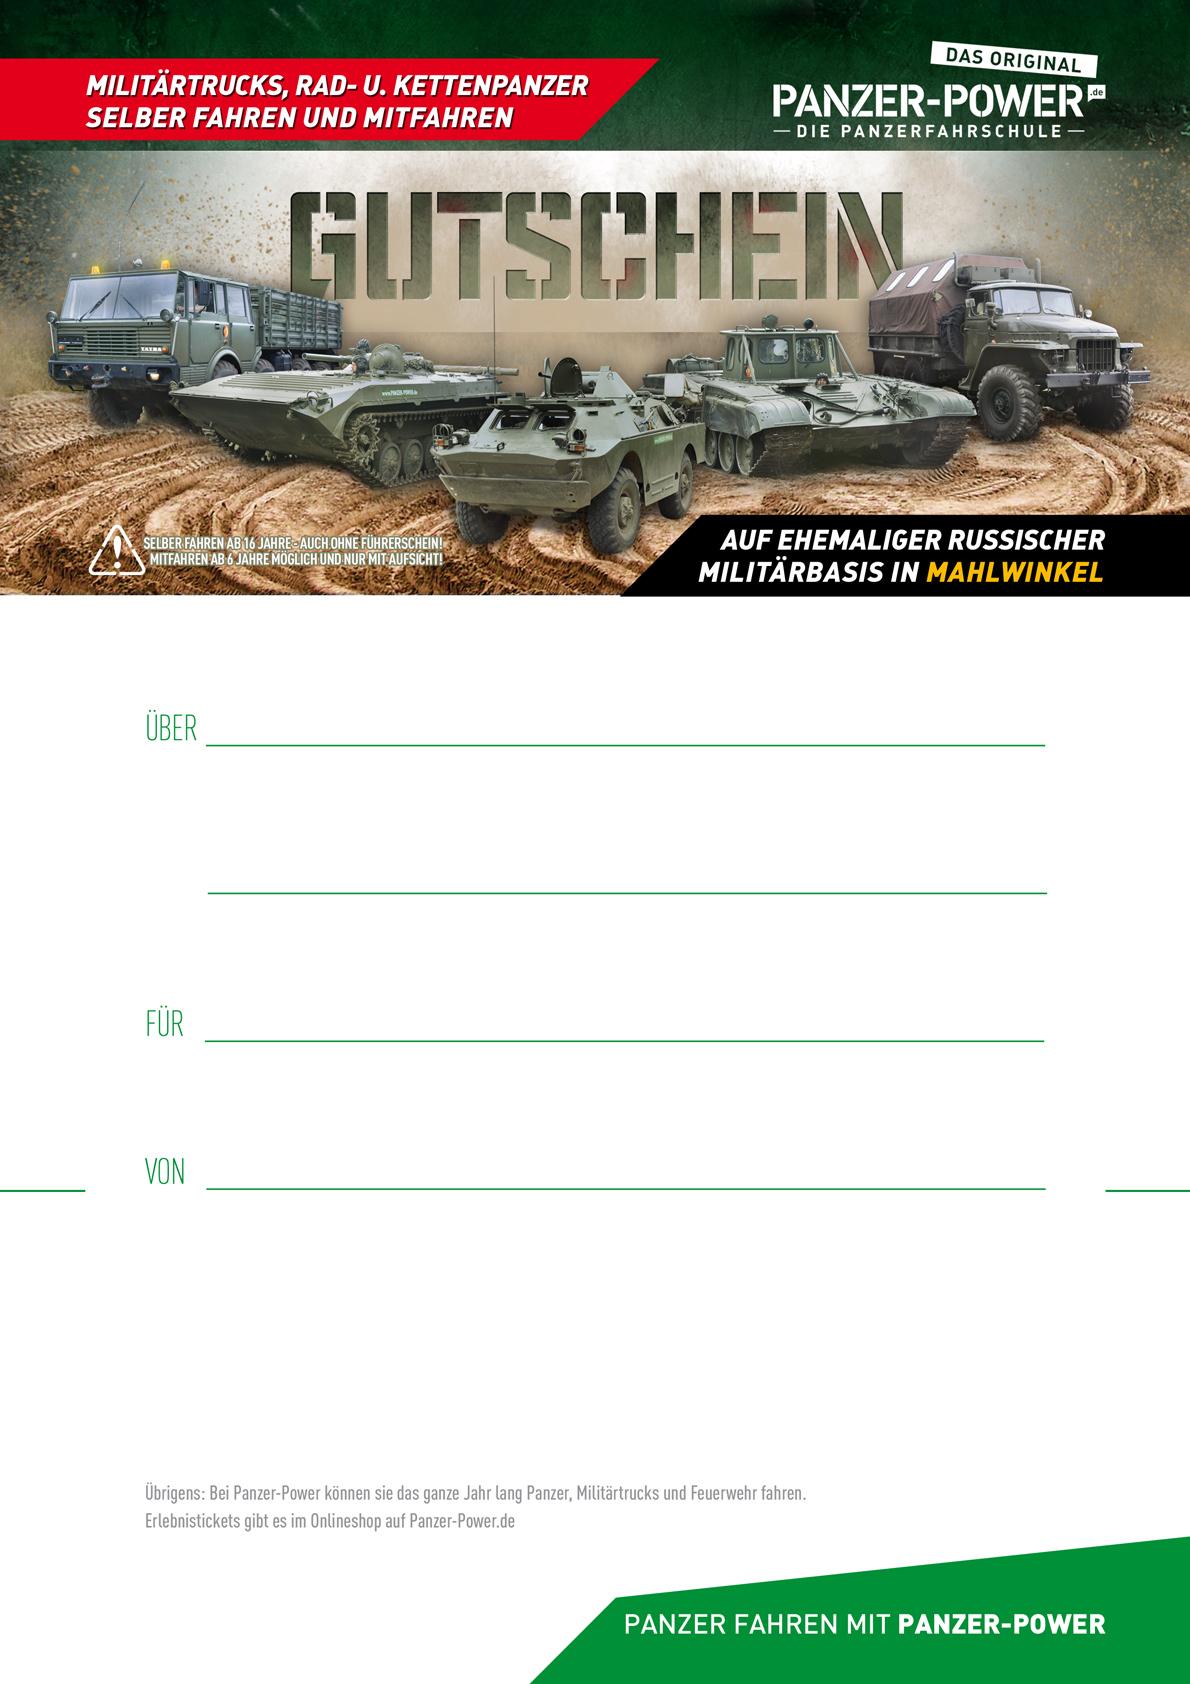 Gutscheinvorlage - PANZER-POWER | Die Panzerfahrschule